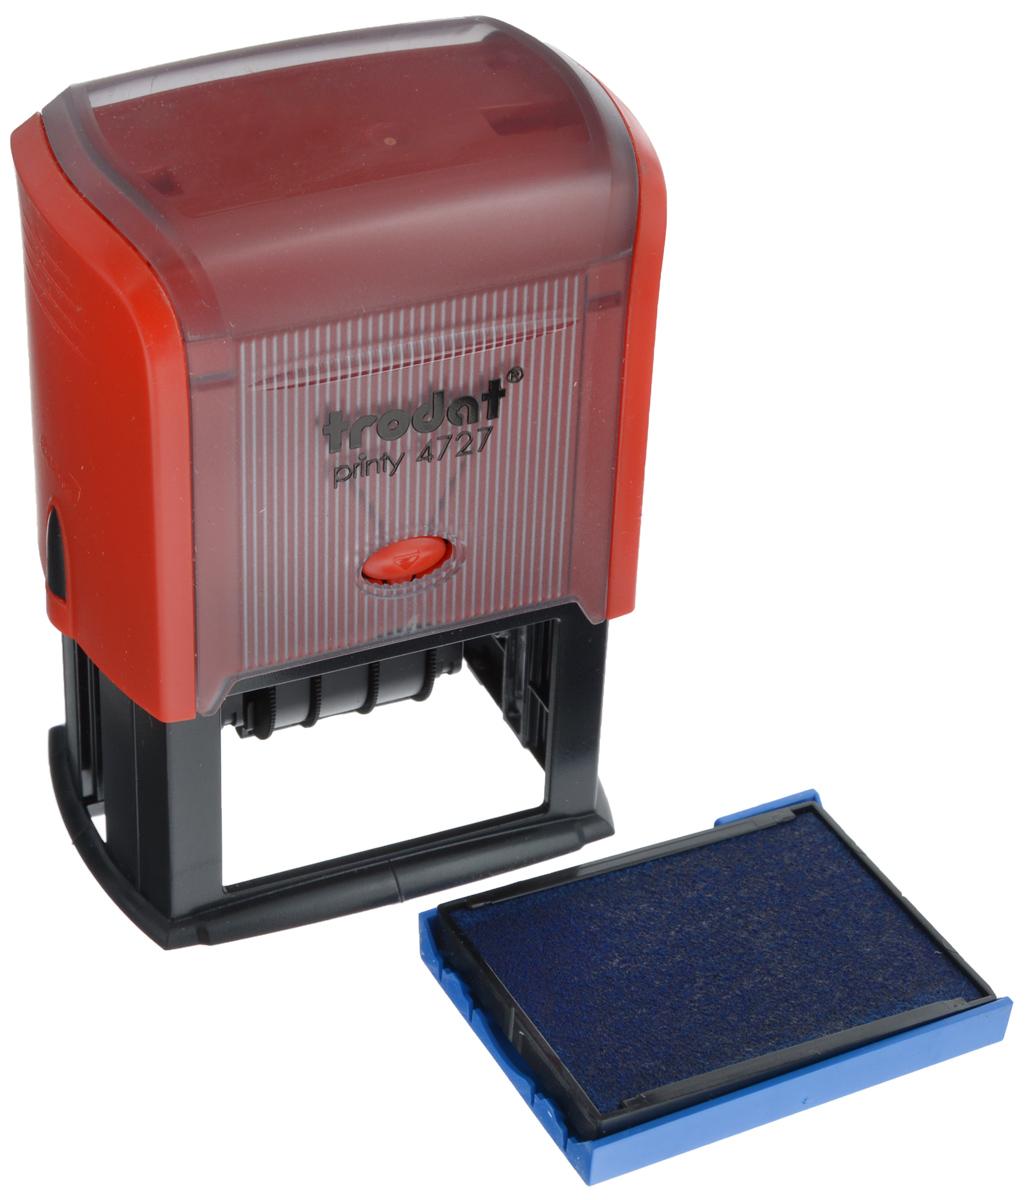 Trodat Датер со свободным полем 60 х 40 ммS120Датер Trodat имеет прочный пластиковый корпус с автоматическим окрашиванием.Дата находится в центре, вокруг даты свободное поле под изготовление клише. Подходит для работы в бухгалтерии, на складе, в банке. Размер свободного поля - 60 мм х 40 мм. В комплект входит сменная подушка, цвет синий.